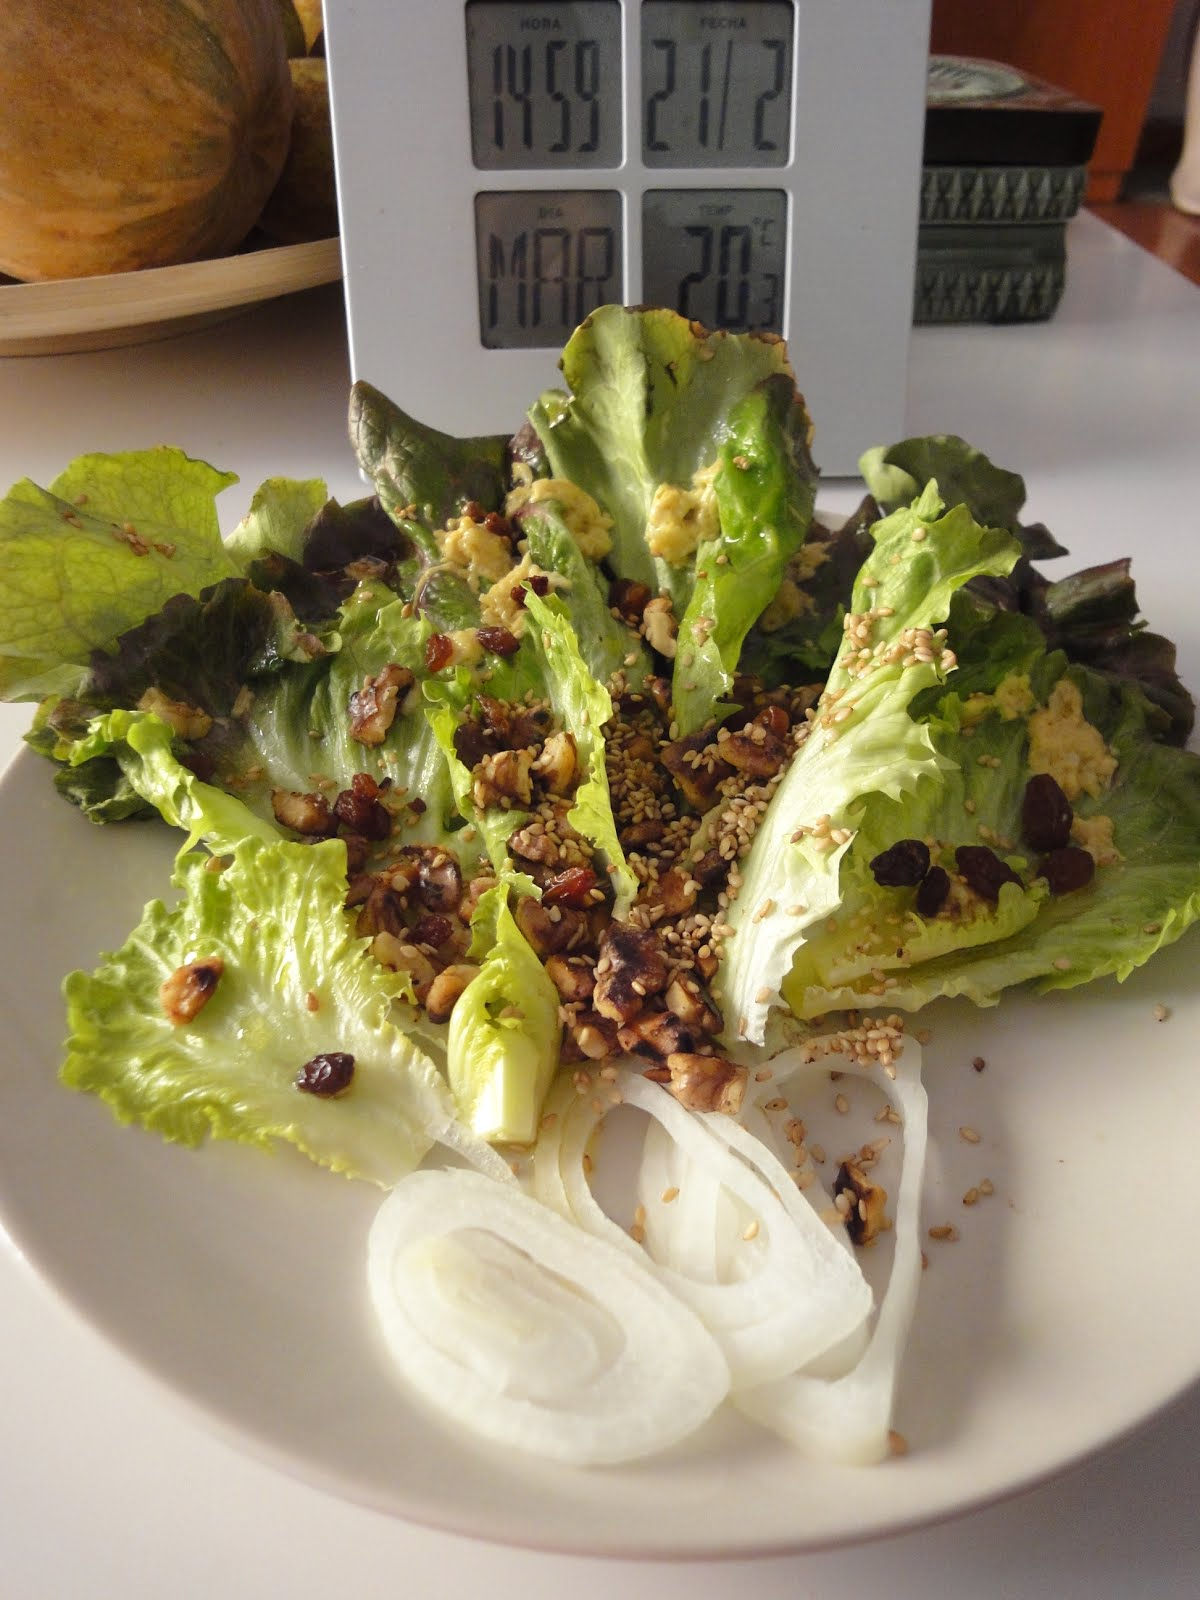 Clases de cocina zaragoza ensalada ecol gica con s samo y - Cursos de cocina zaragoza ...